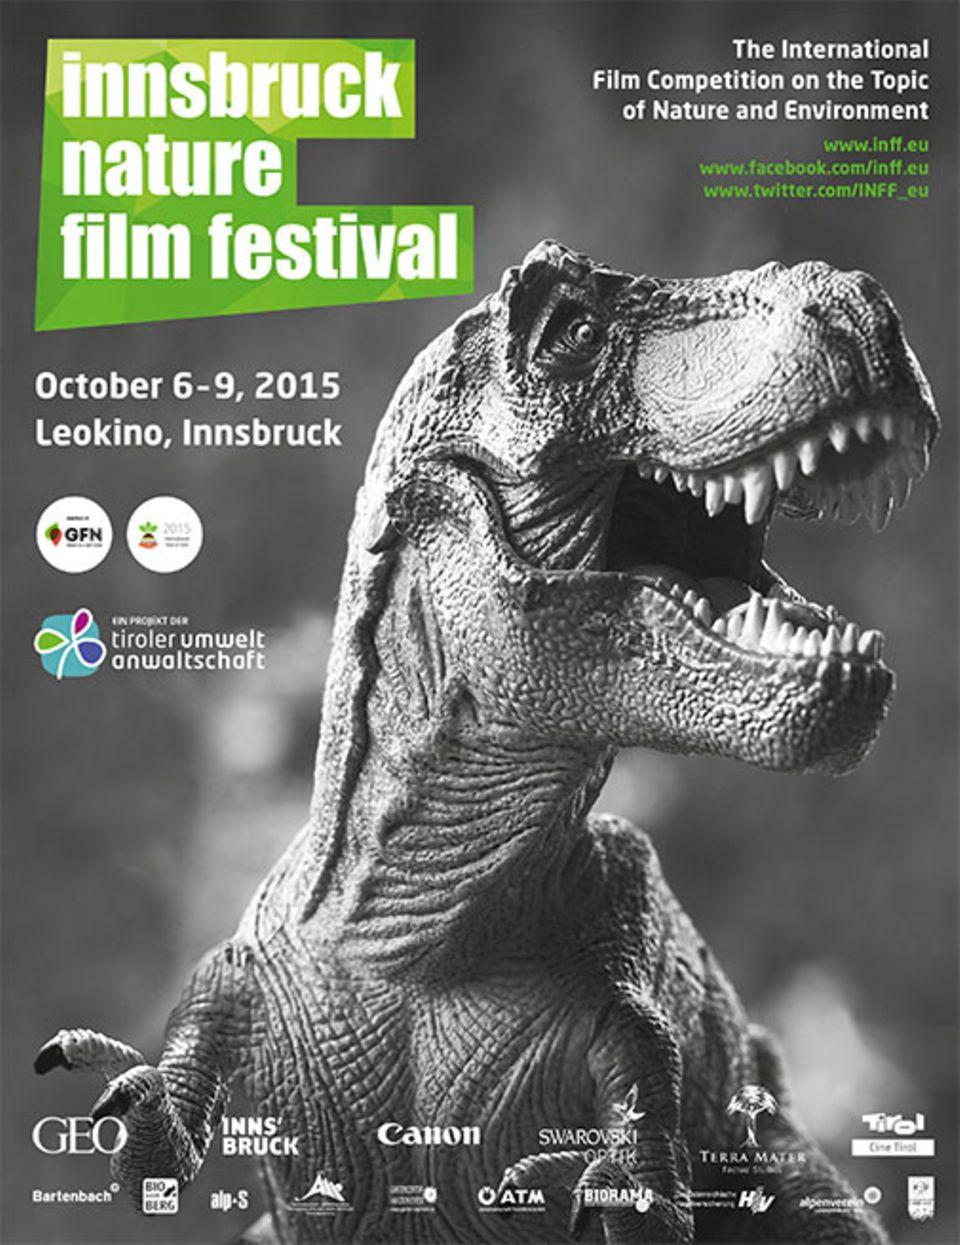 Innsbruck Nature Film Festival: Im Oktober wird Innsbruck zur Hauptstadt der Naturfilmer